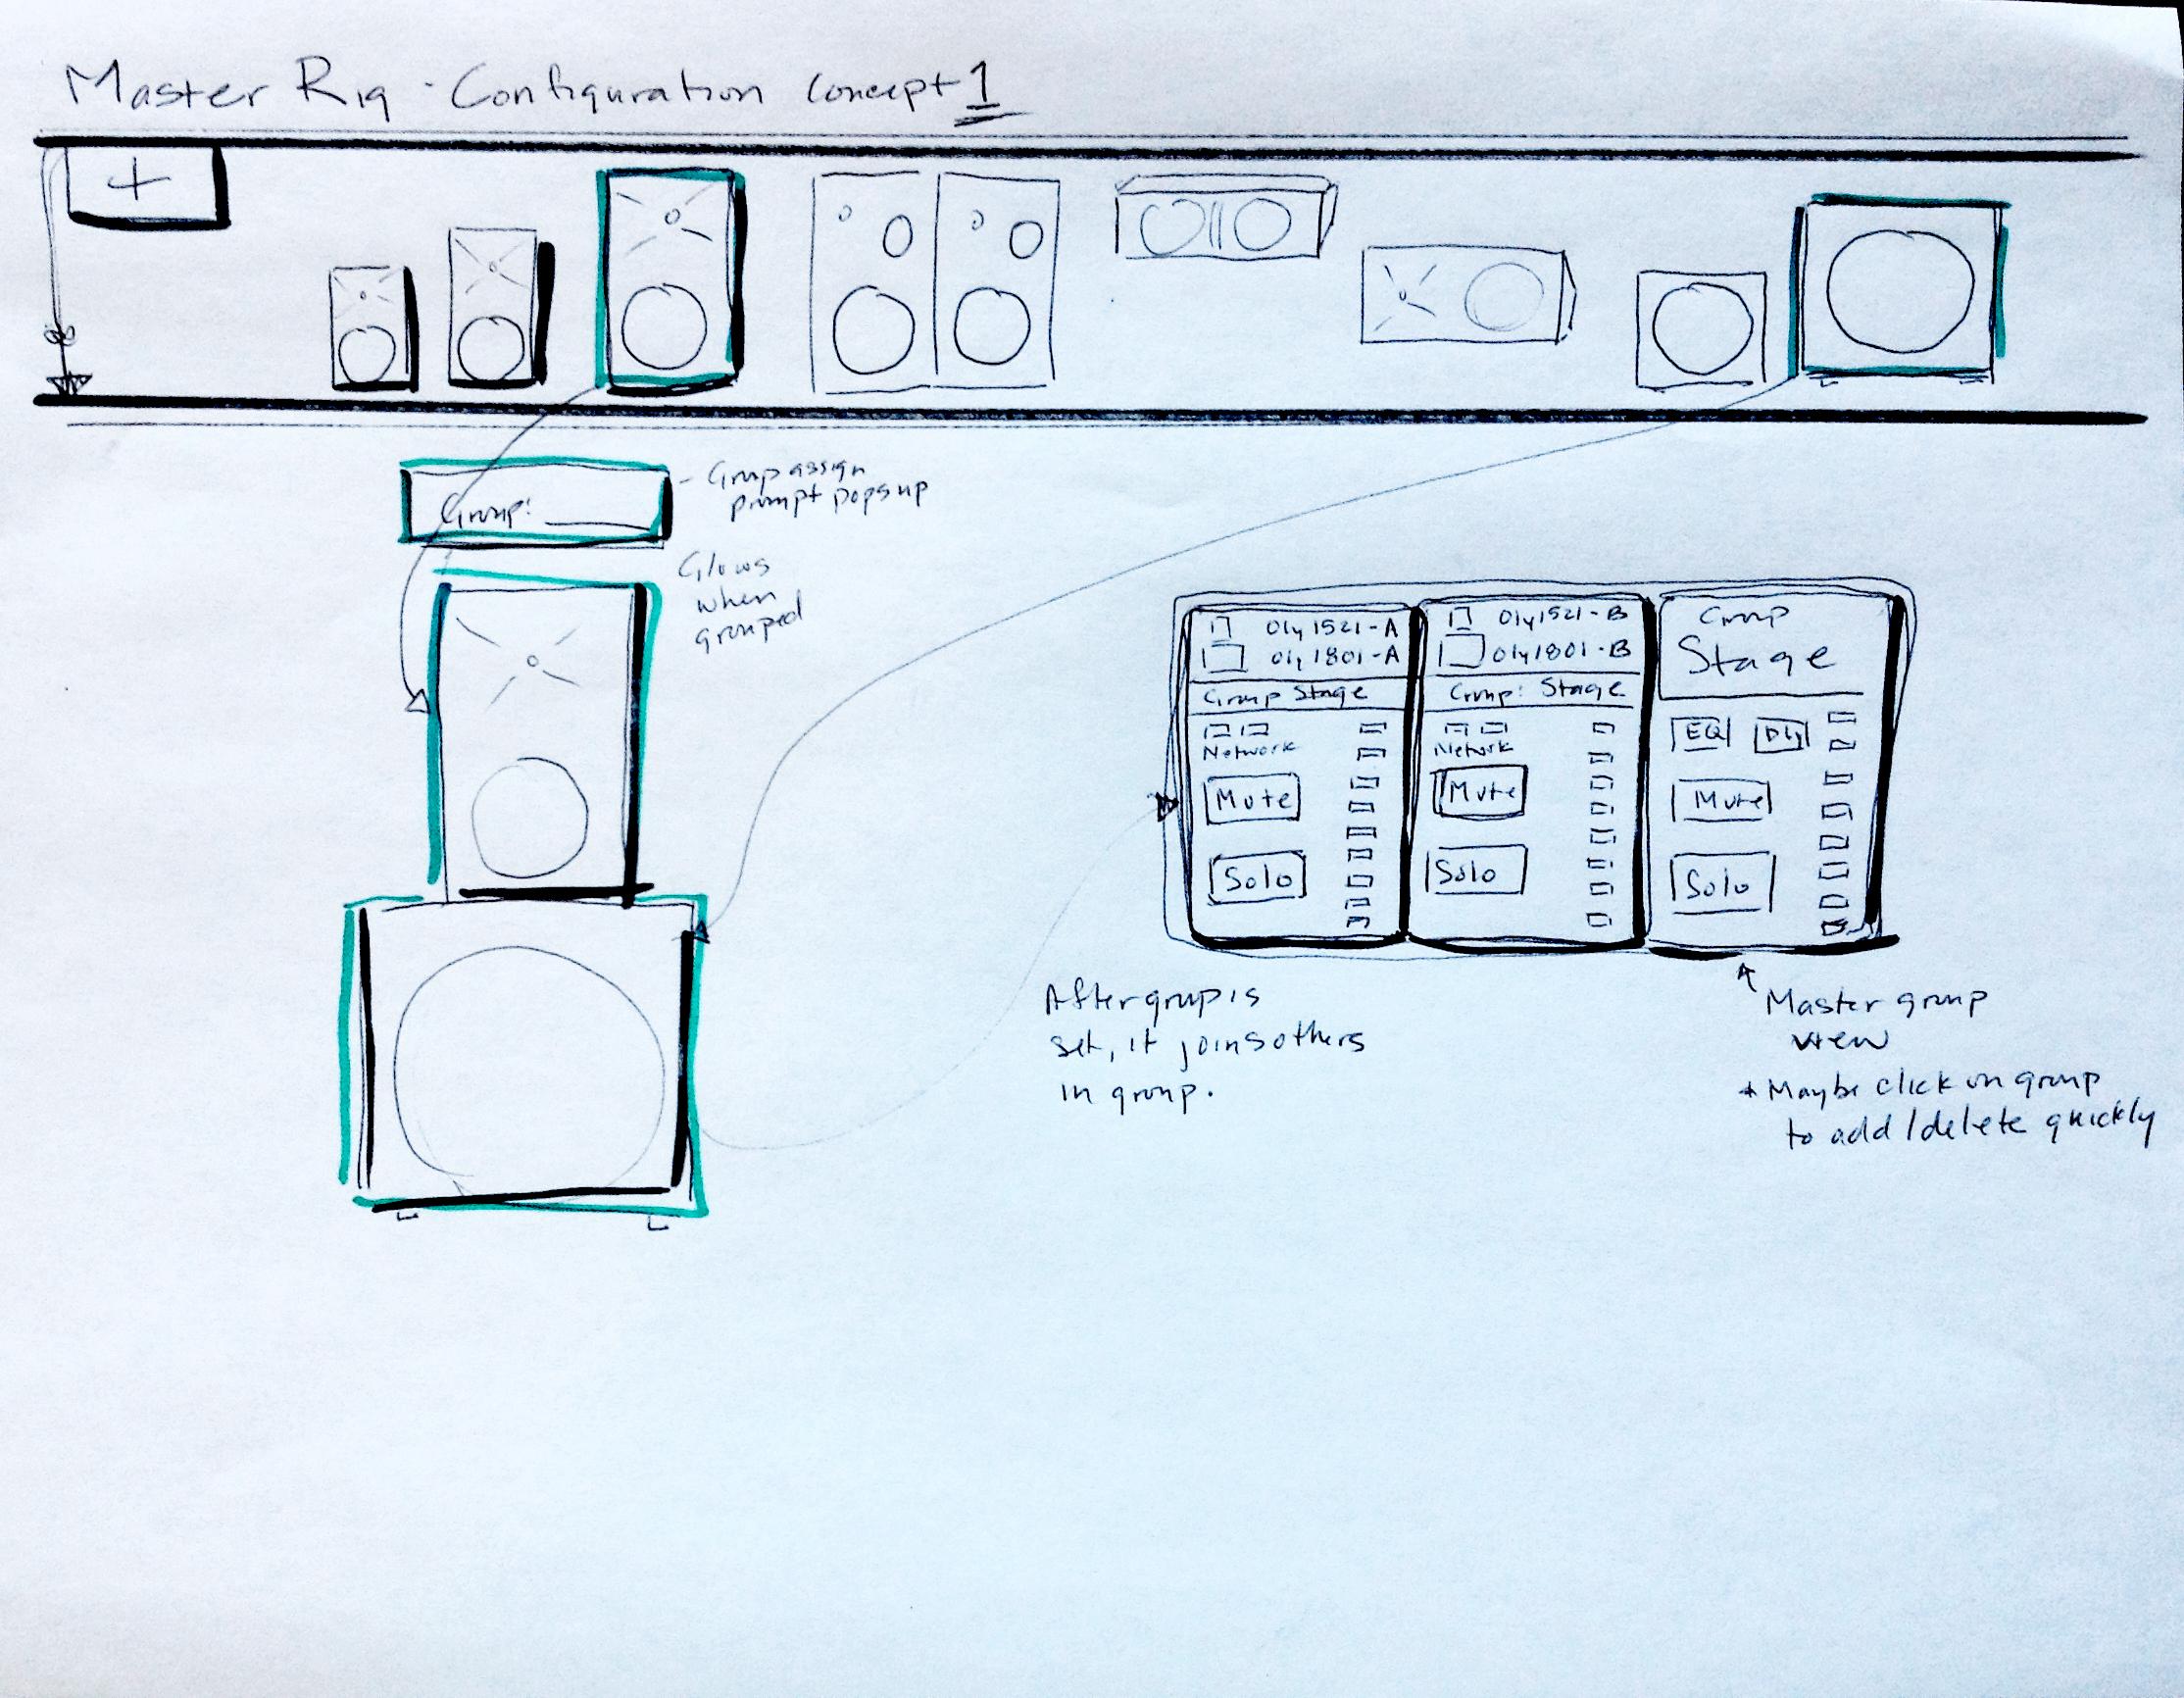 MR Concept sketch - Config concept1.jpg